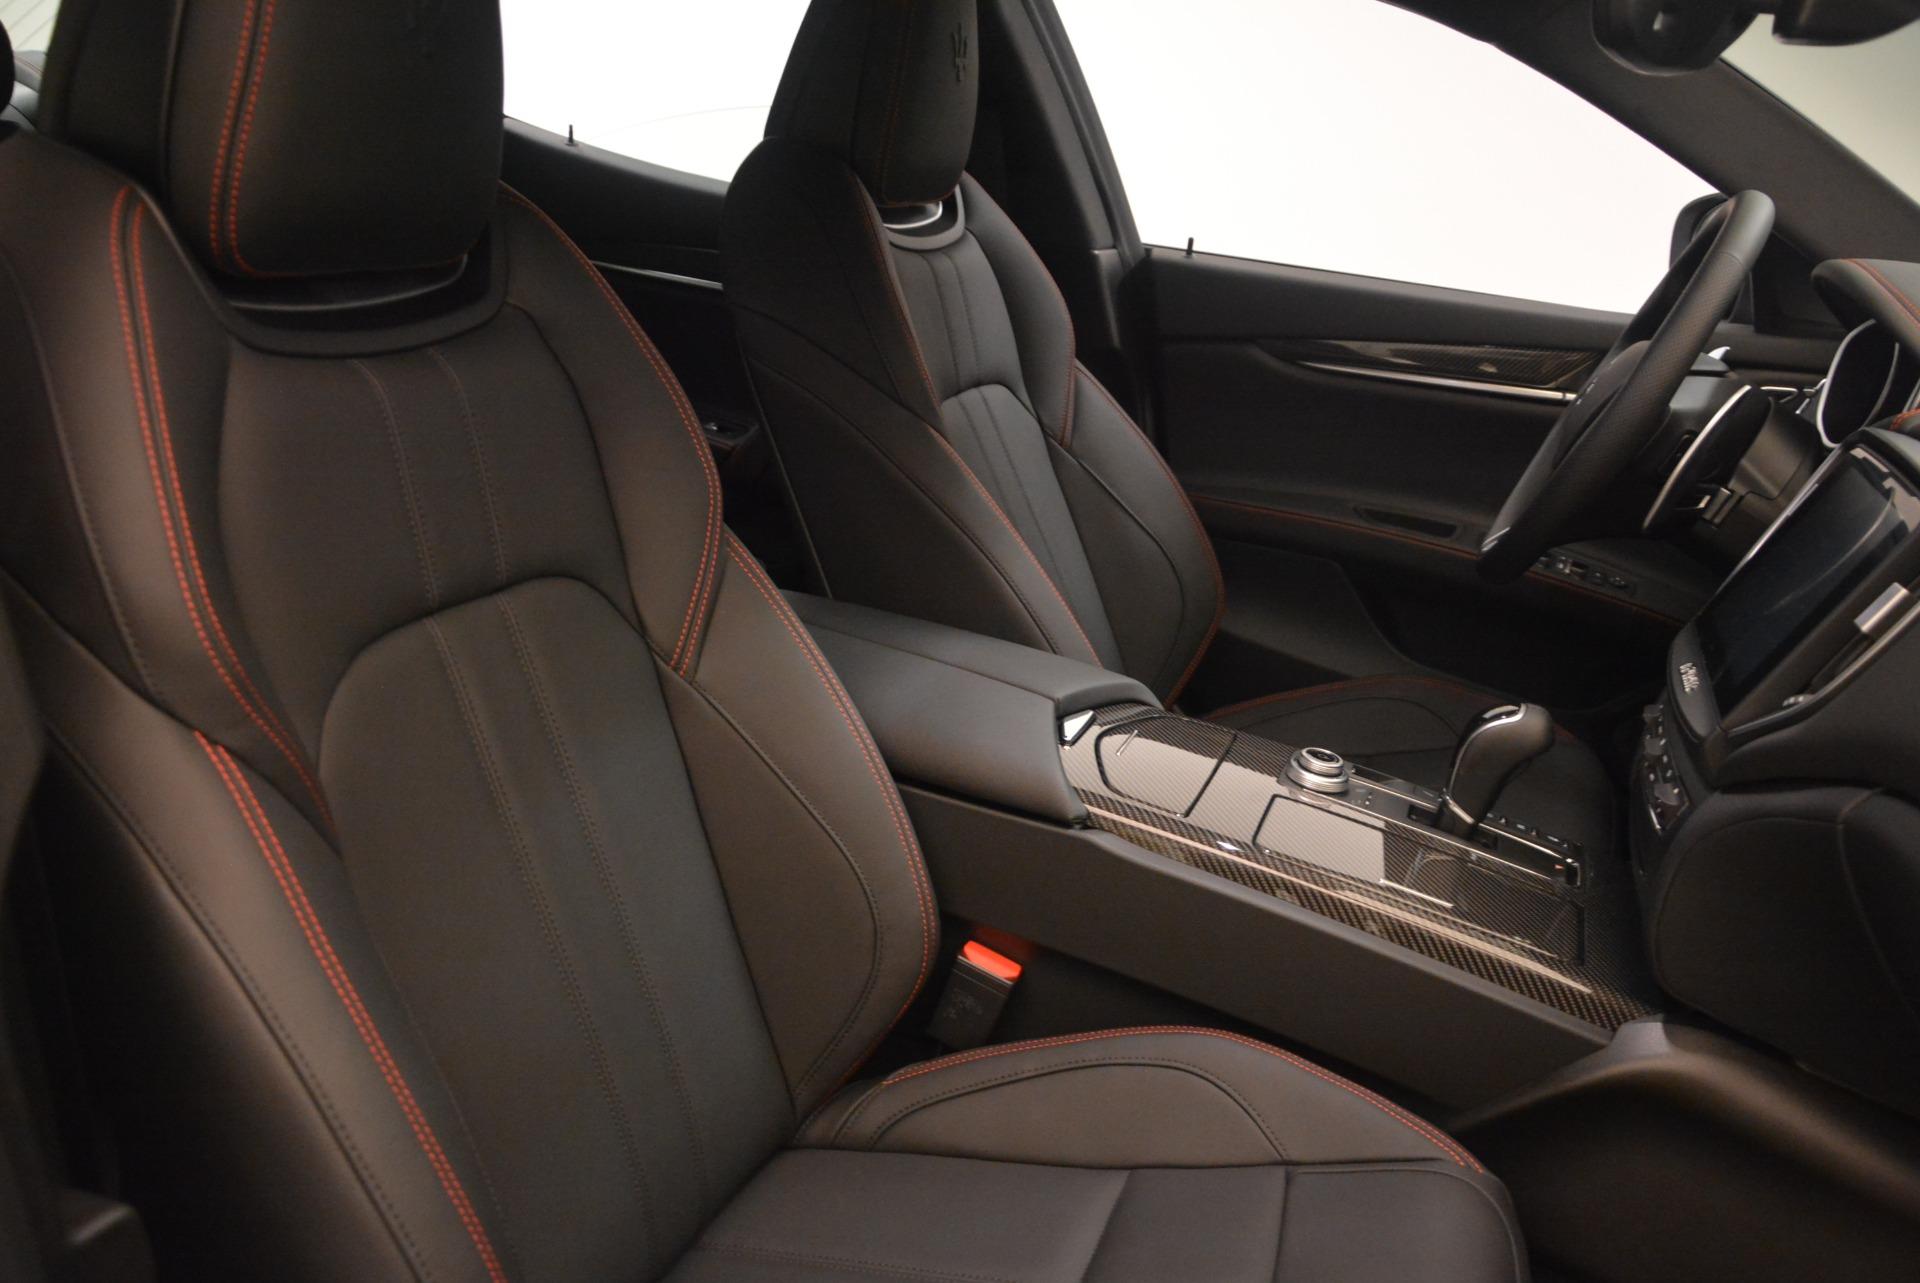 New 2018 Maserati Ghibli SQ4 GranSport Nerissimo For Sale In Greenwich, CT. Alfa Romeo of Greenwich, M2171 2366_p17